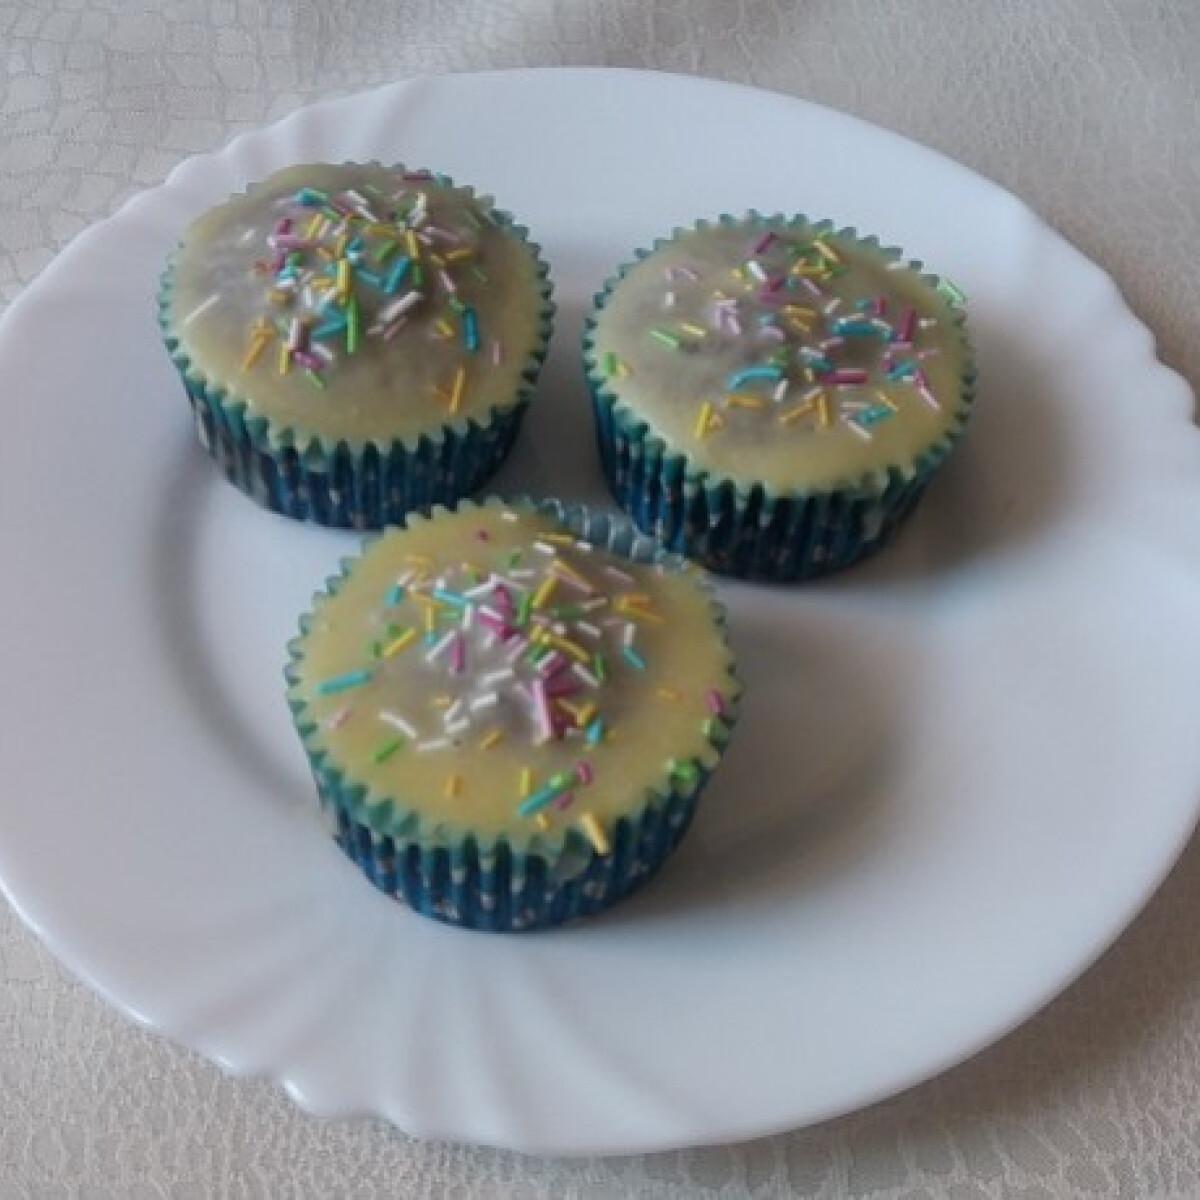 Ezen a képen: Céklás muffin fehércsokoládé-mázzal